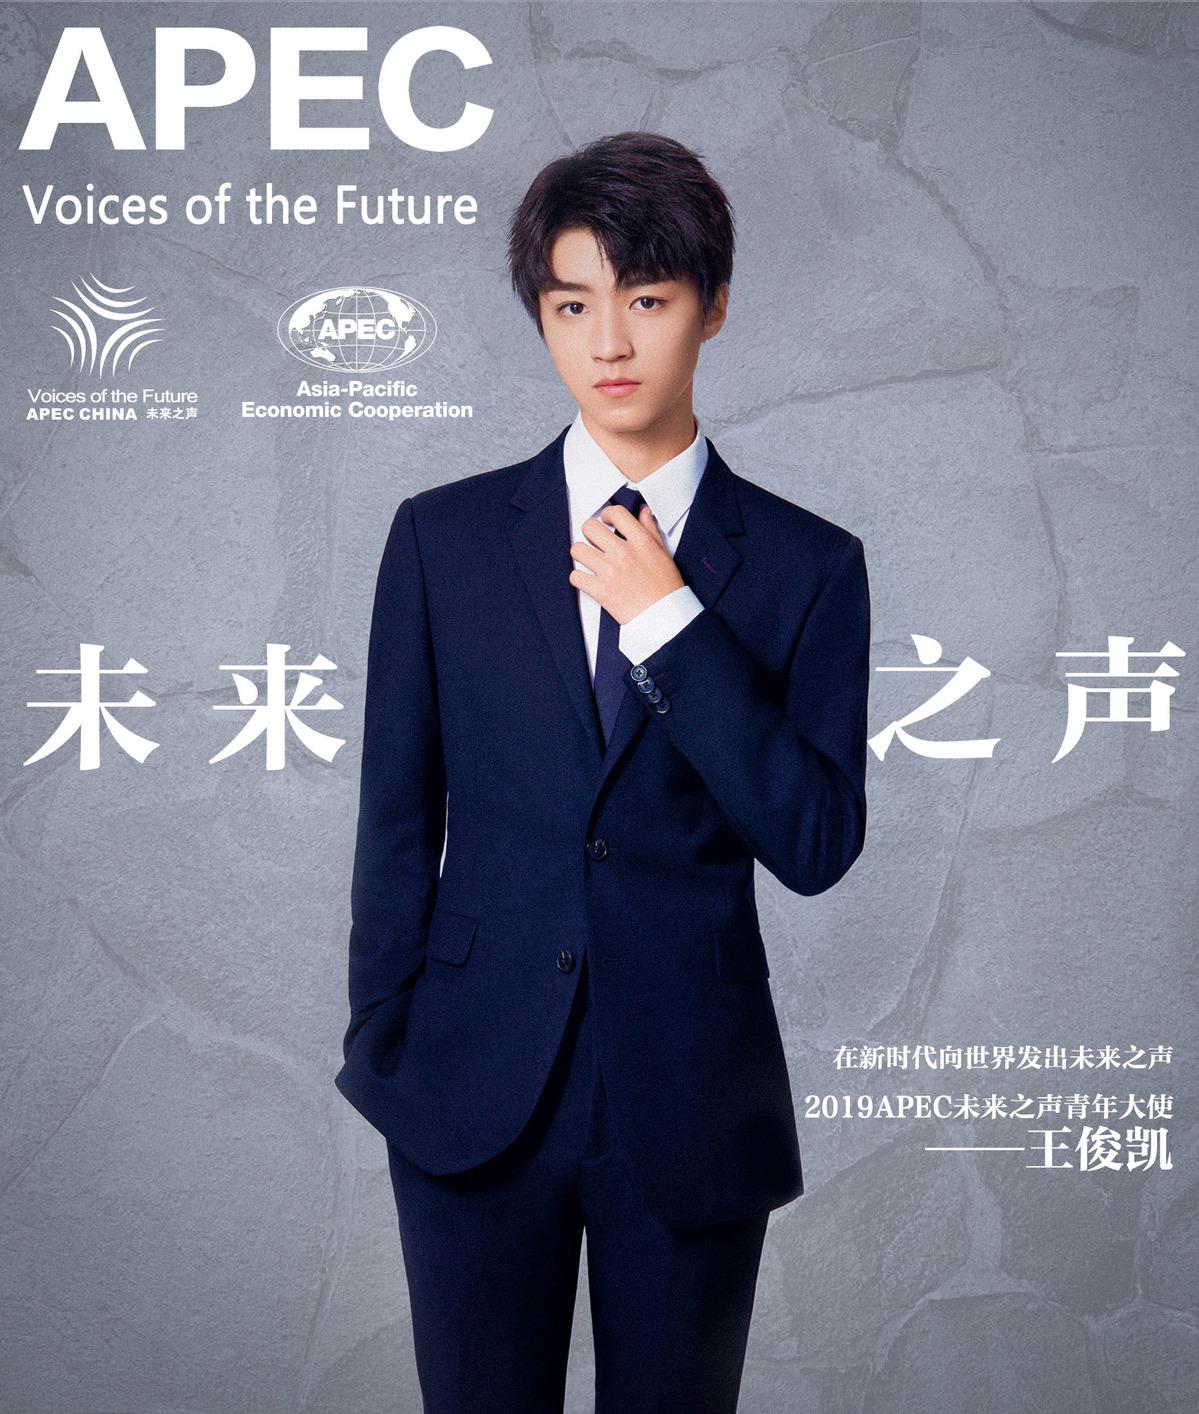 王俊凯任2019年apec未来之声青年大使